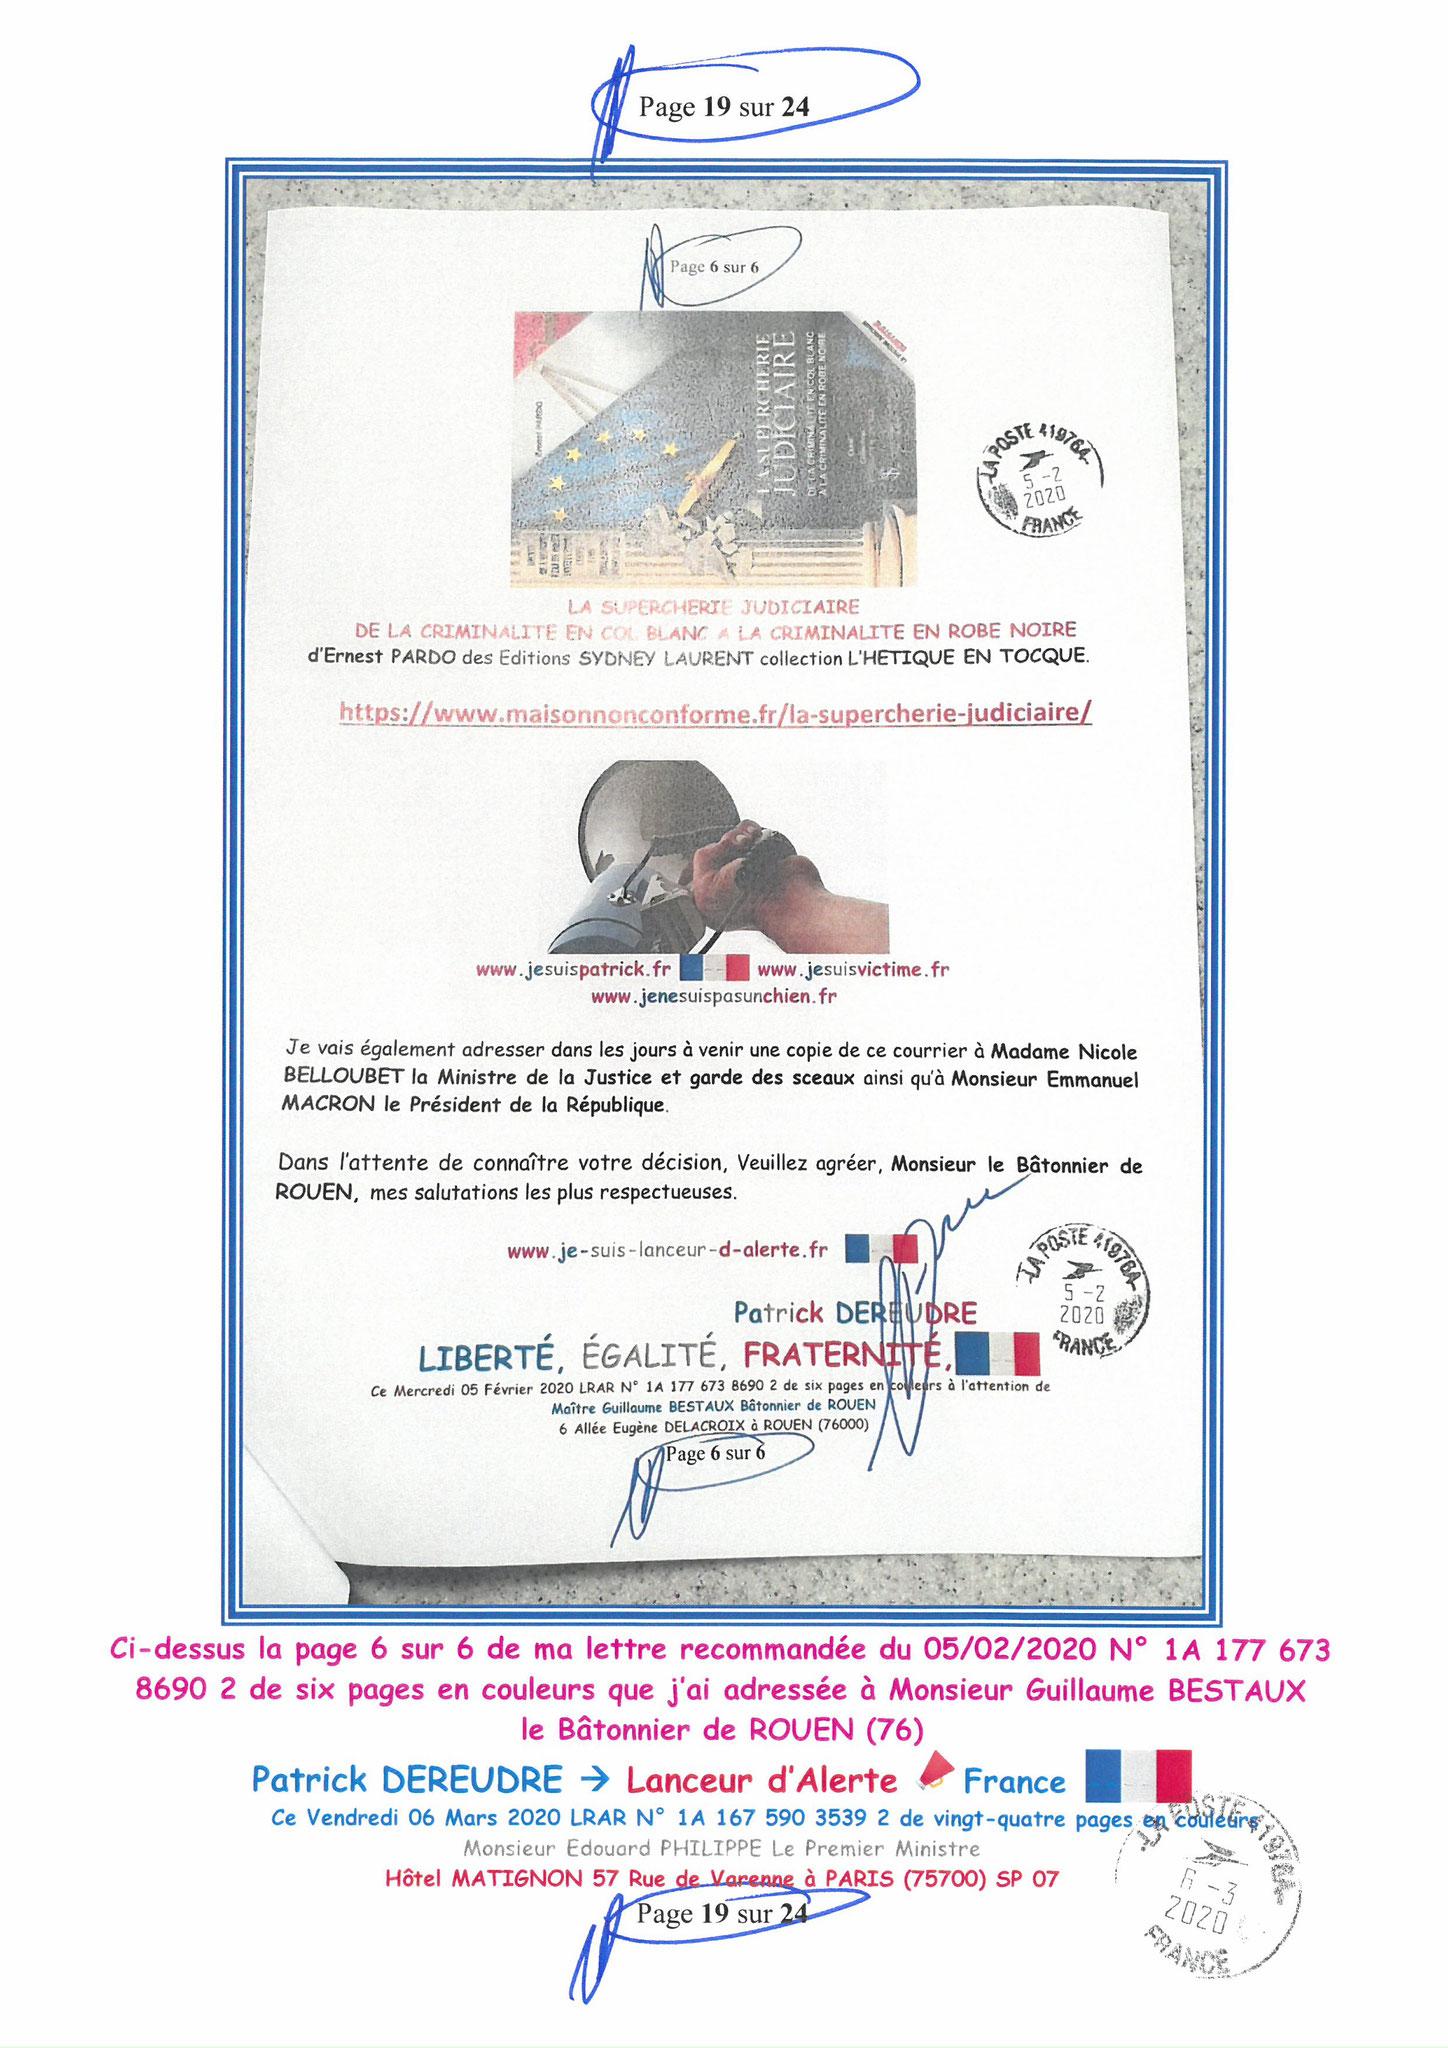 Ma LRAR à Monsieur le  Premier Ministre Edouard PHILIPPE N° 1A 167 590 3539 2 Page 19 sur 24 en Couleur du 06 Mars 2020  www.jesuispatrick.fr www.jesuisvictime.fr www.alerte-rouge-france.fr